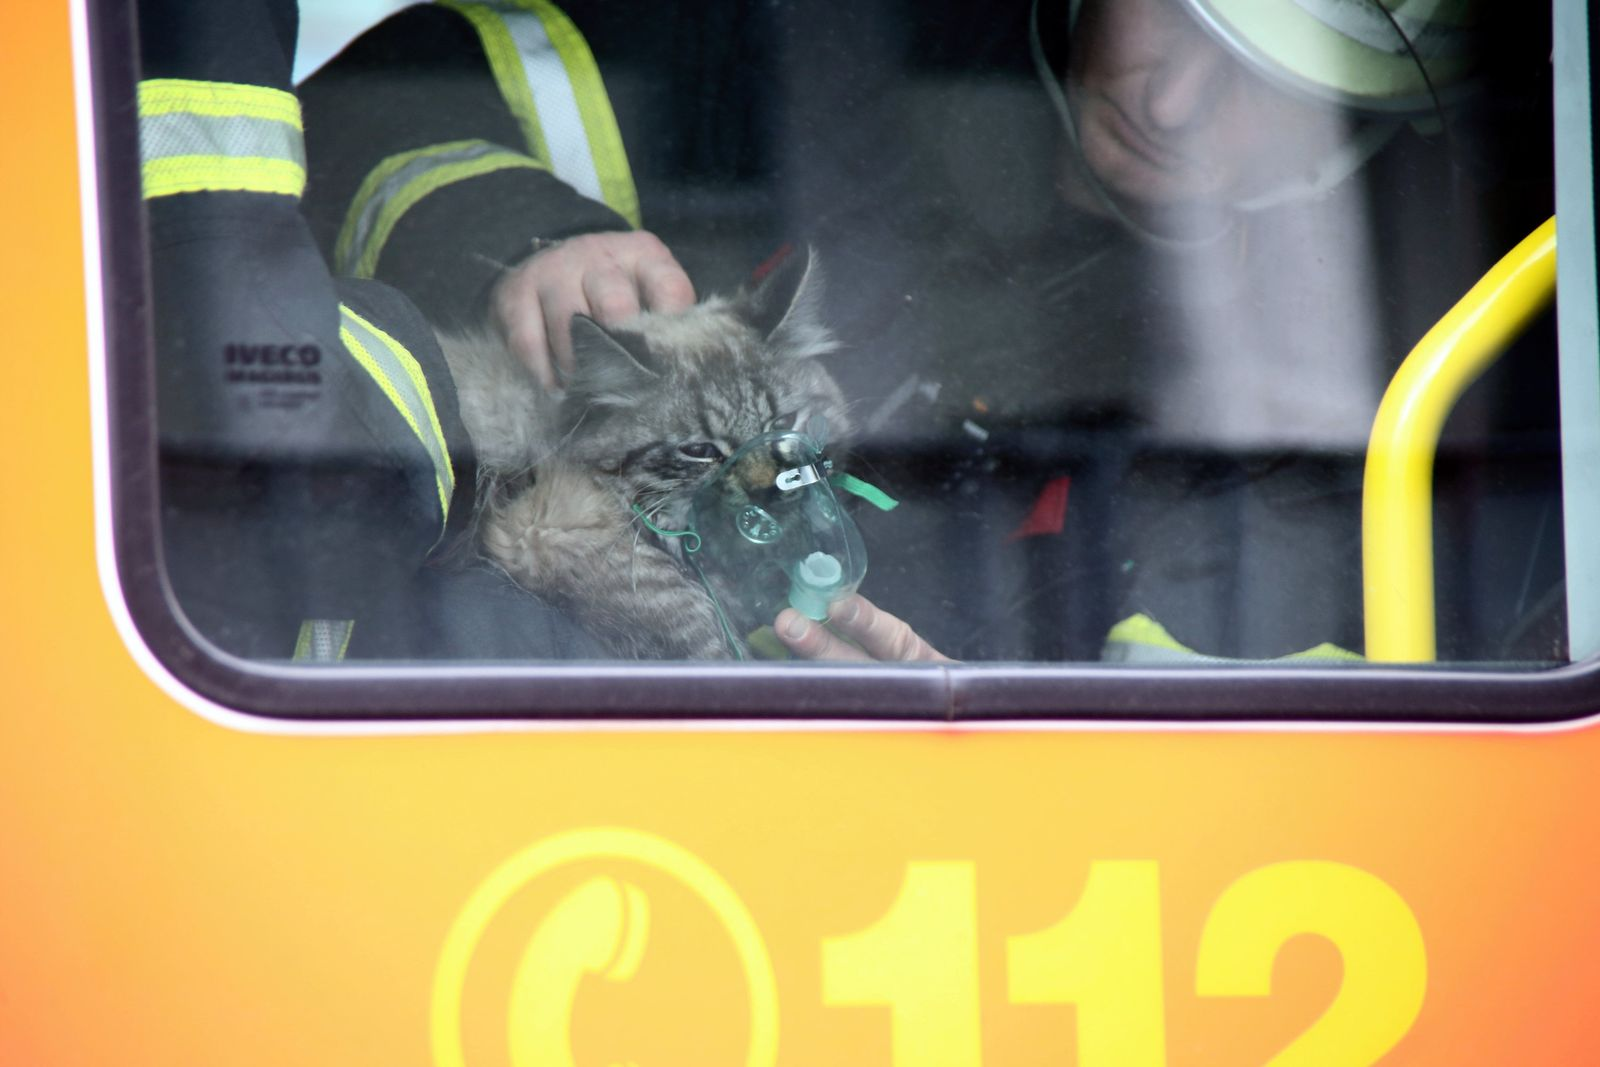 Feuerwehrmänner beamten Katze mit Sauerstoffmaske